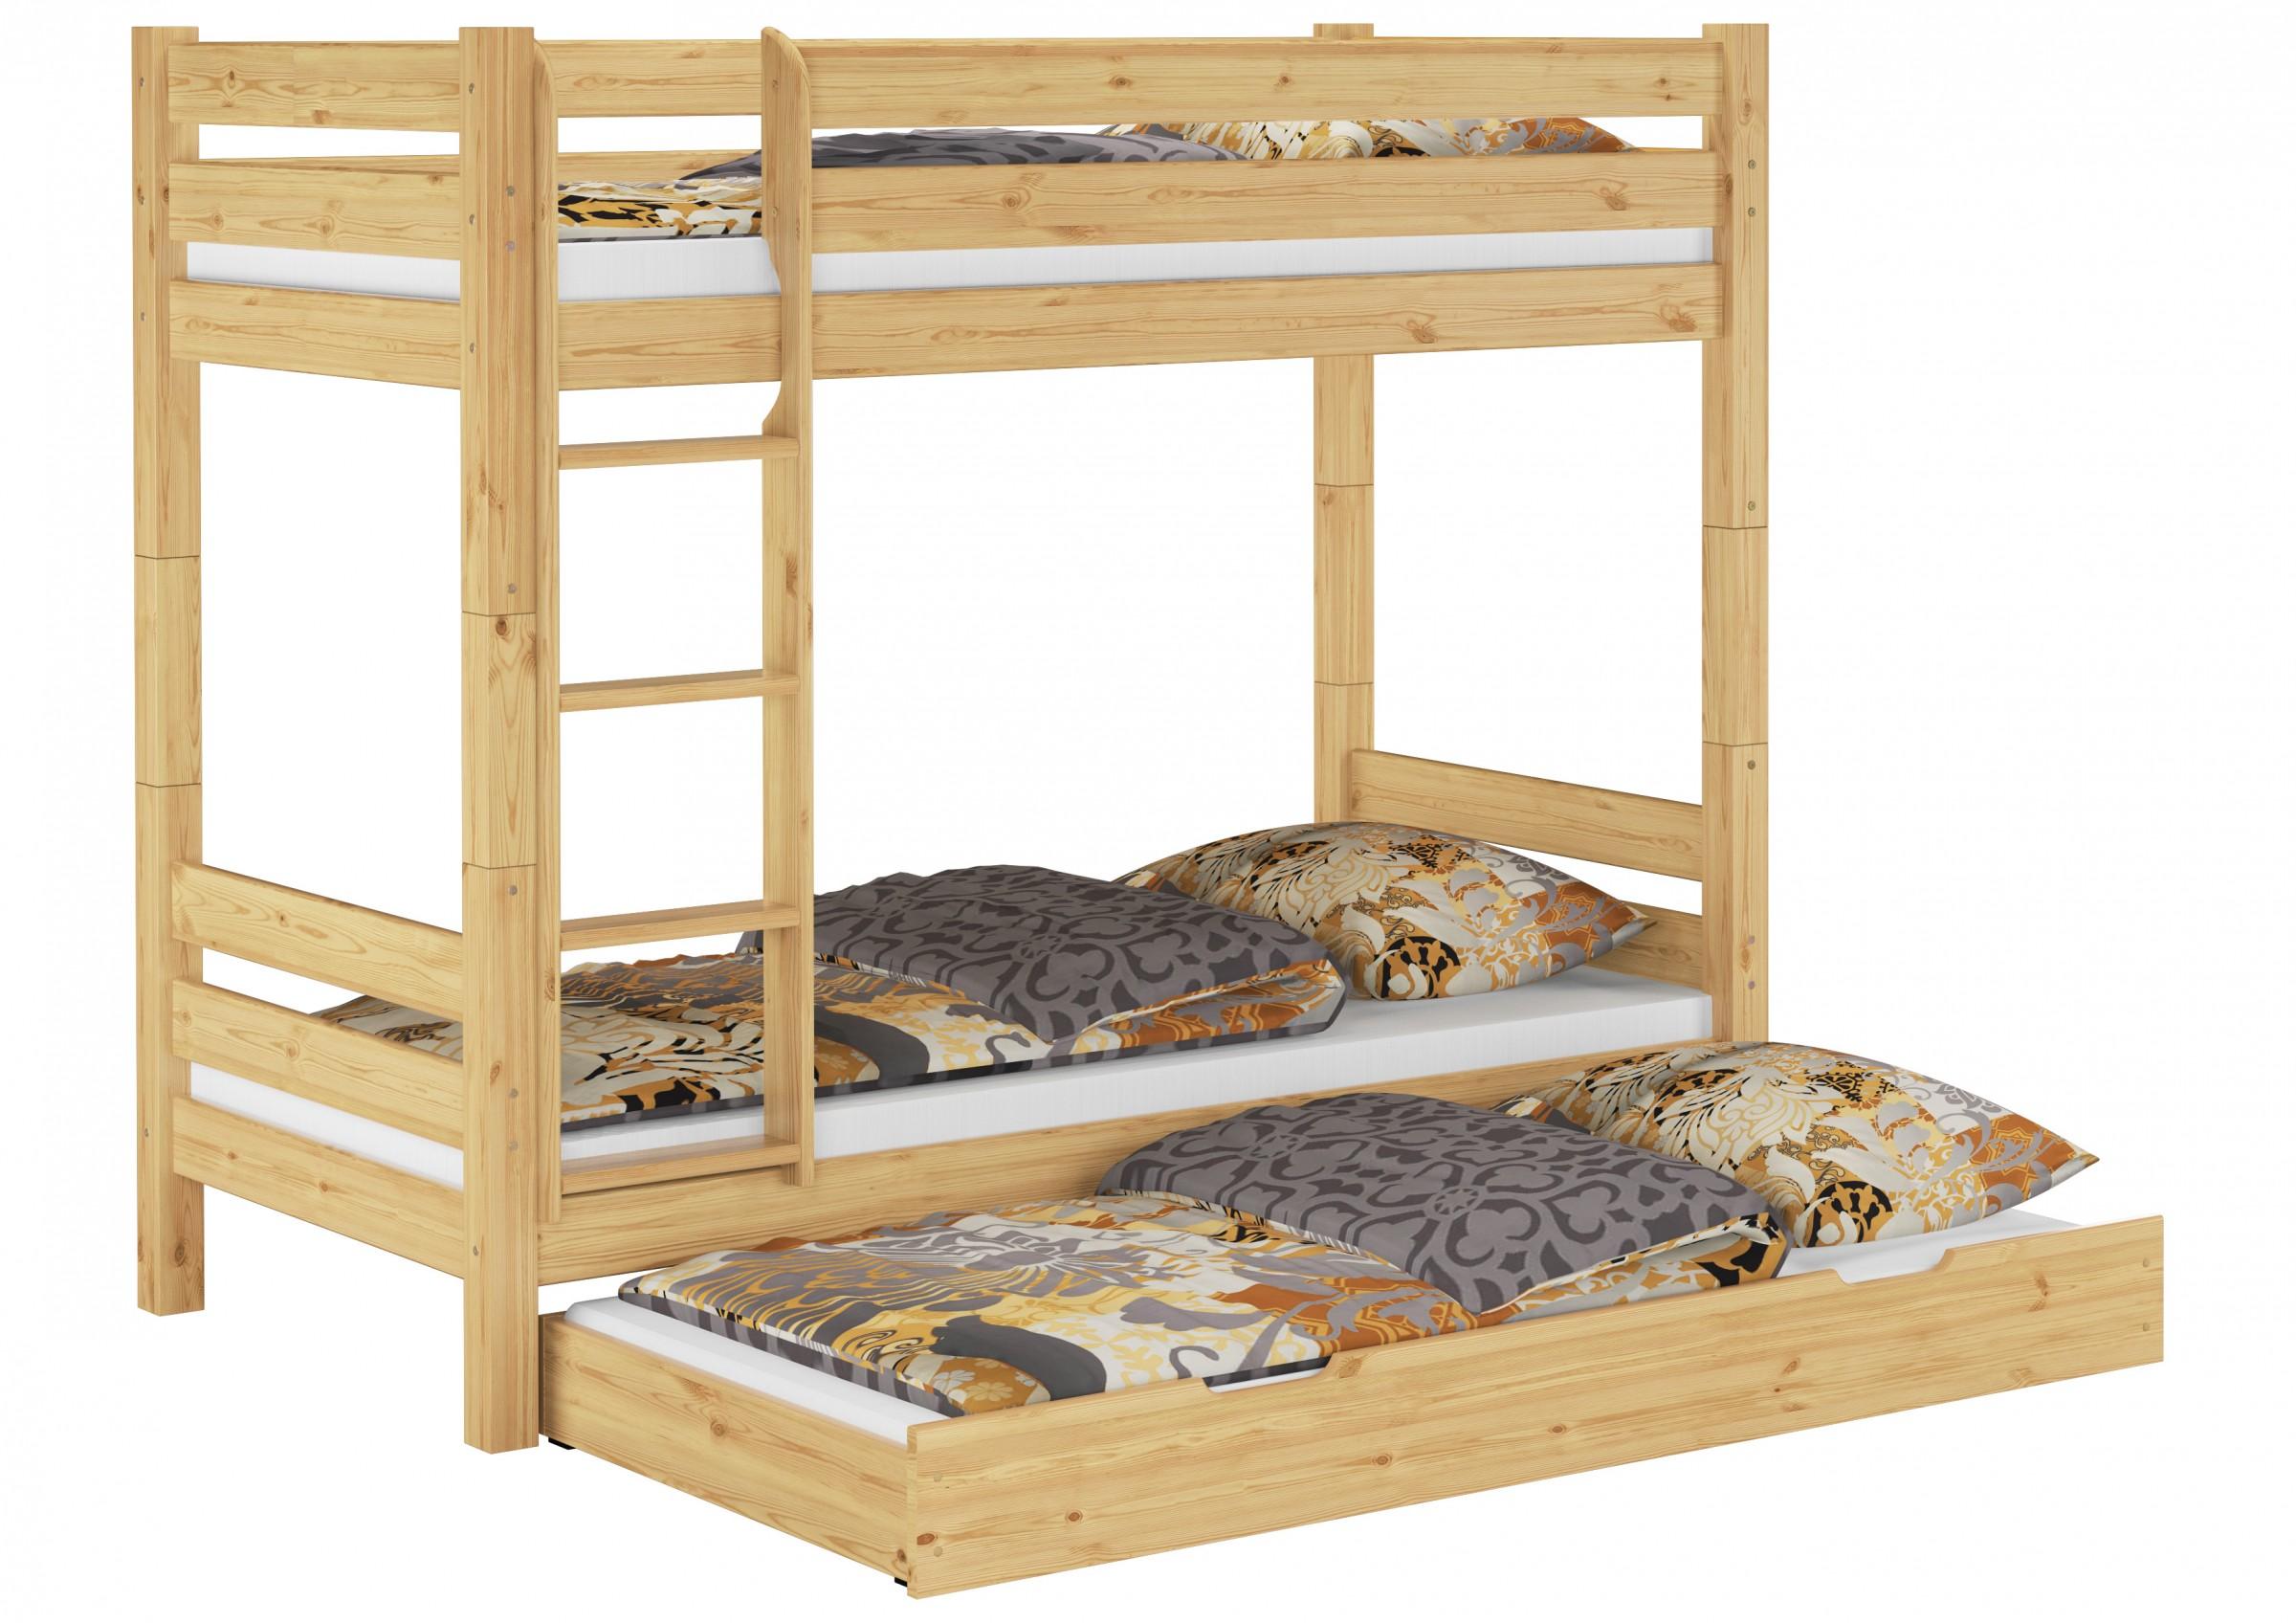 Etagenbett Für Erwachsene 100 Kg : Metall etagenbett fur erwachsene fa r